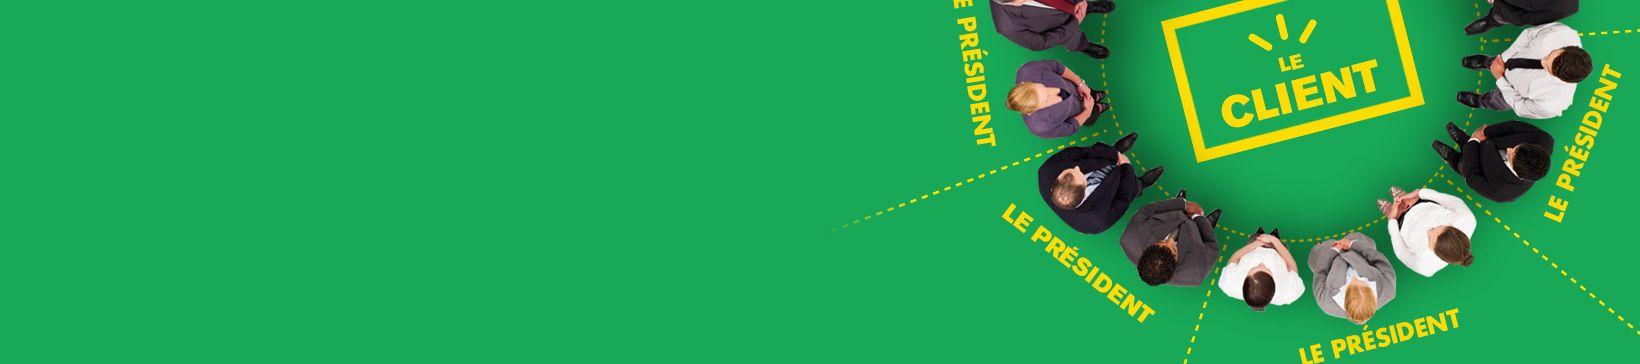 hg-1635-clients-sur-pie%c2%a6udestal-pre%c2%a6usident-blogue